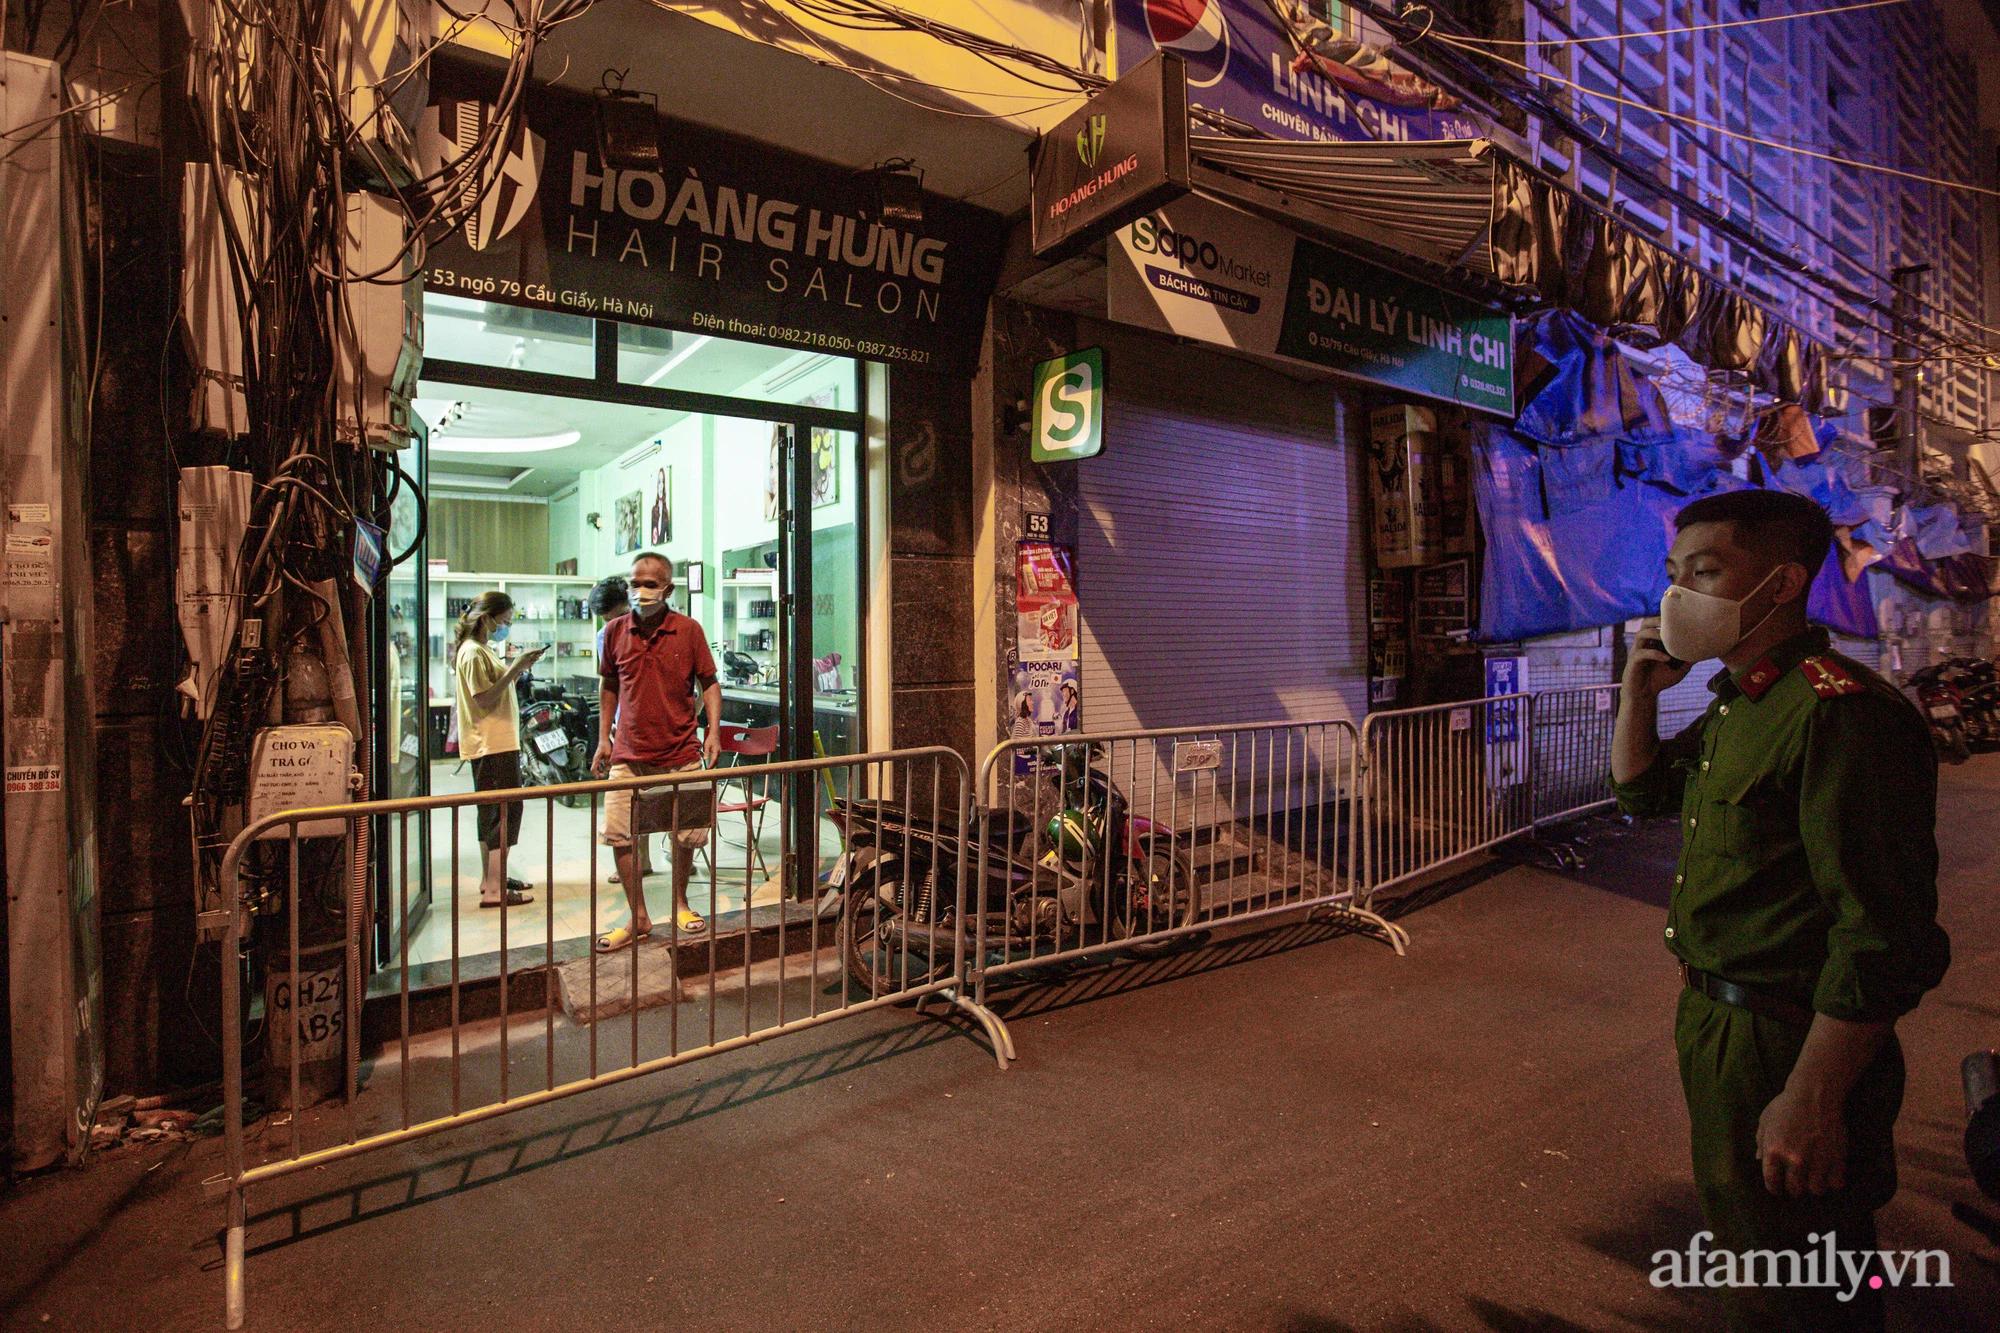 Hà Nội: Phong tỏa cửa hàng tạp hóa trong ngõ 79 đường Cầu Giấy, khẩn trương lấy mẫu xét nghiệm, truy vết trong đêm - Ảnh 5.